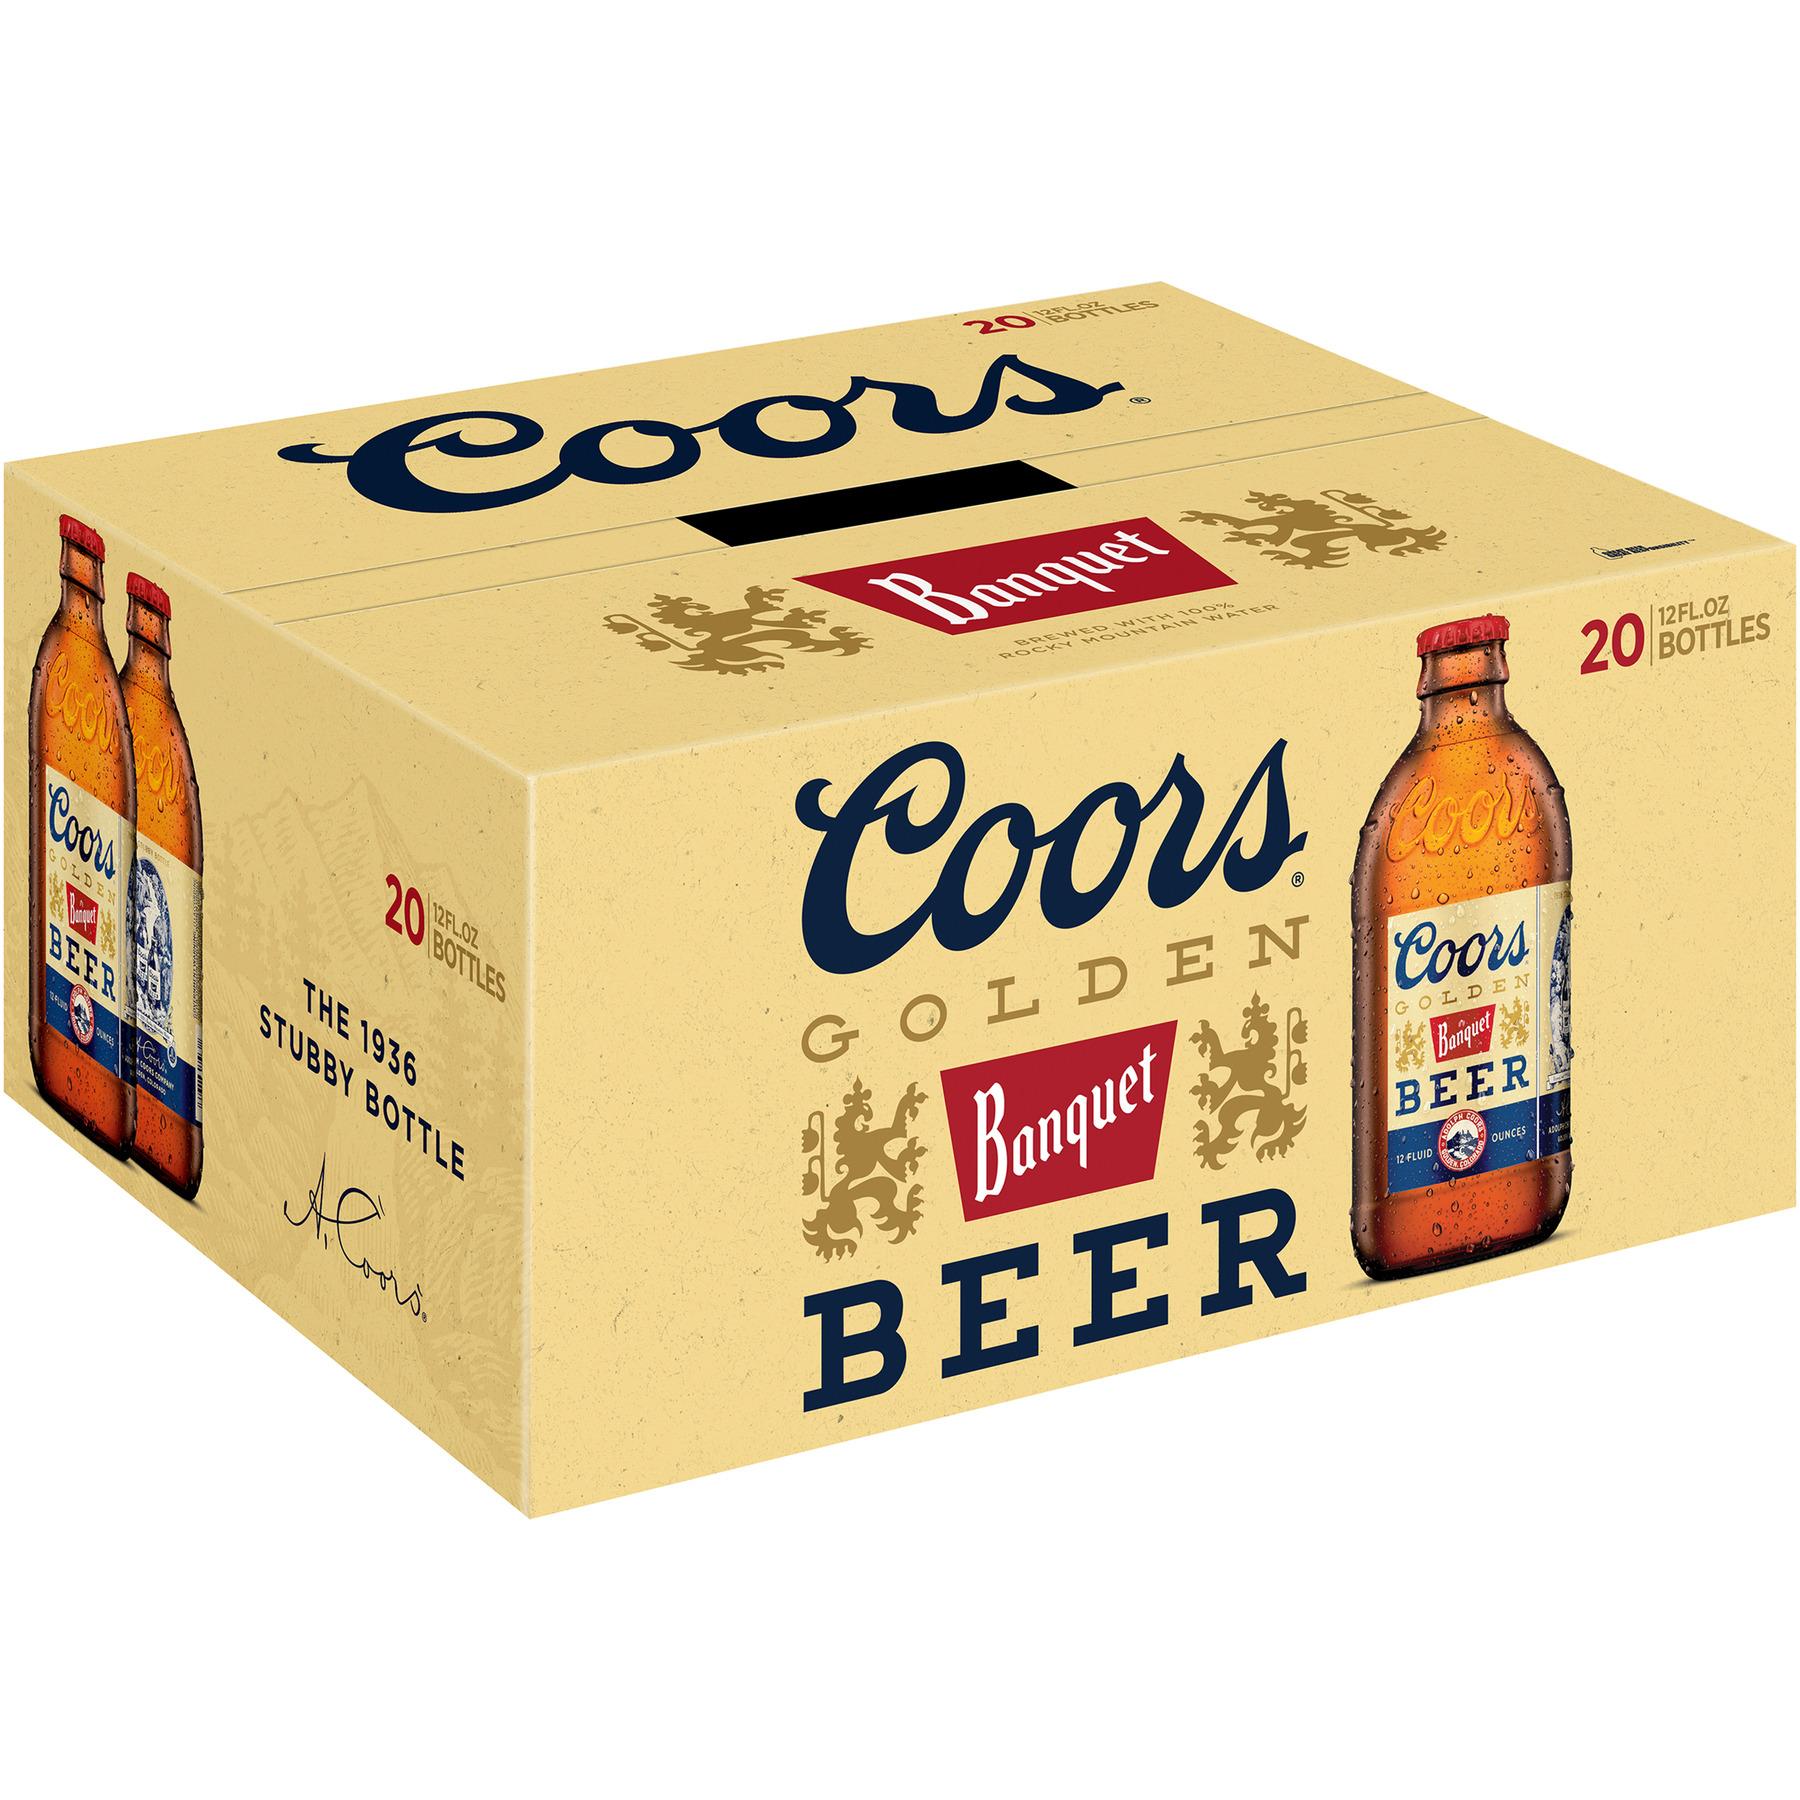 Coors Banquet Lager Beer, 20 Pack, 12 fl. oz. Glass Bottles, 5% ABV